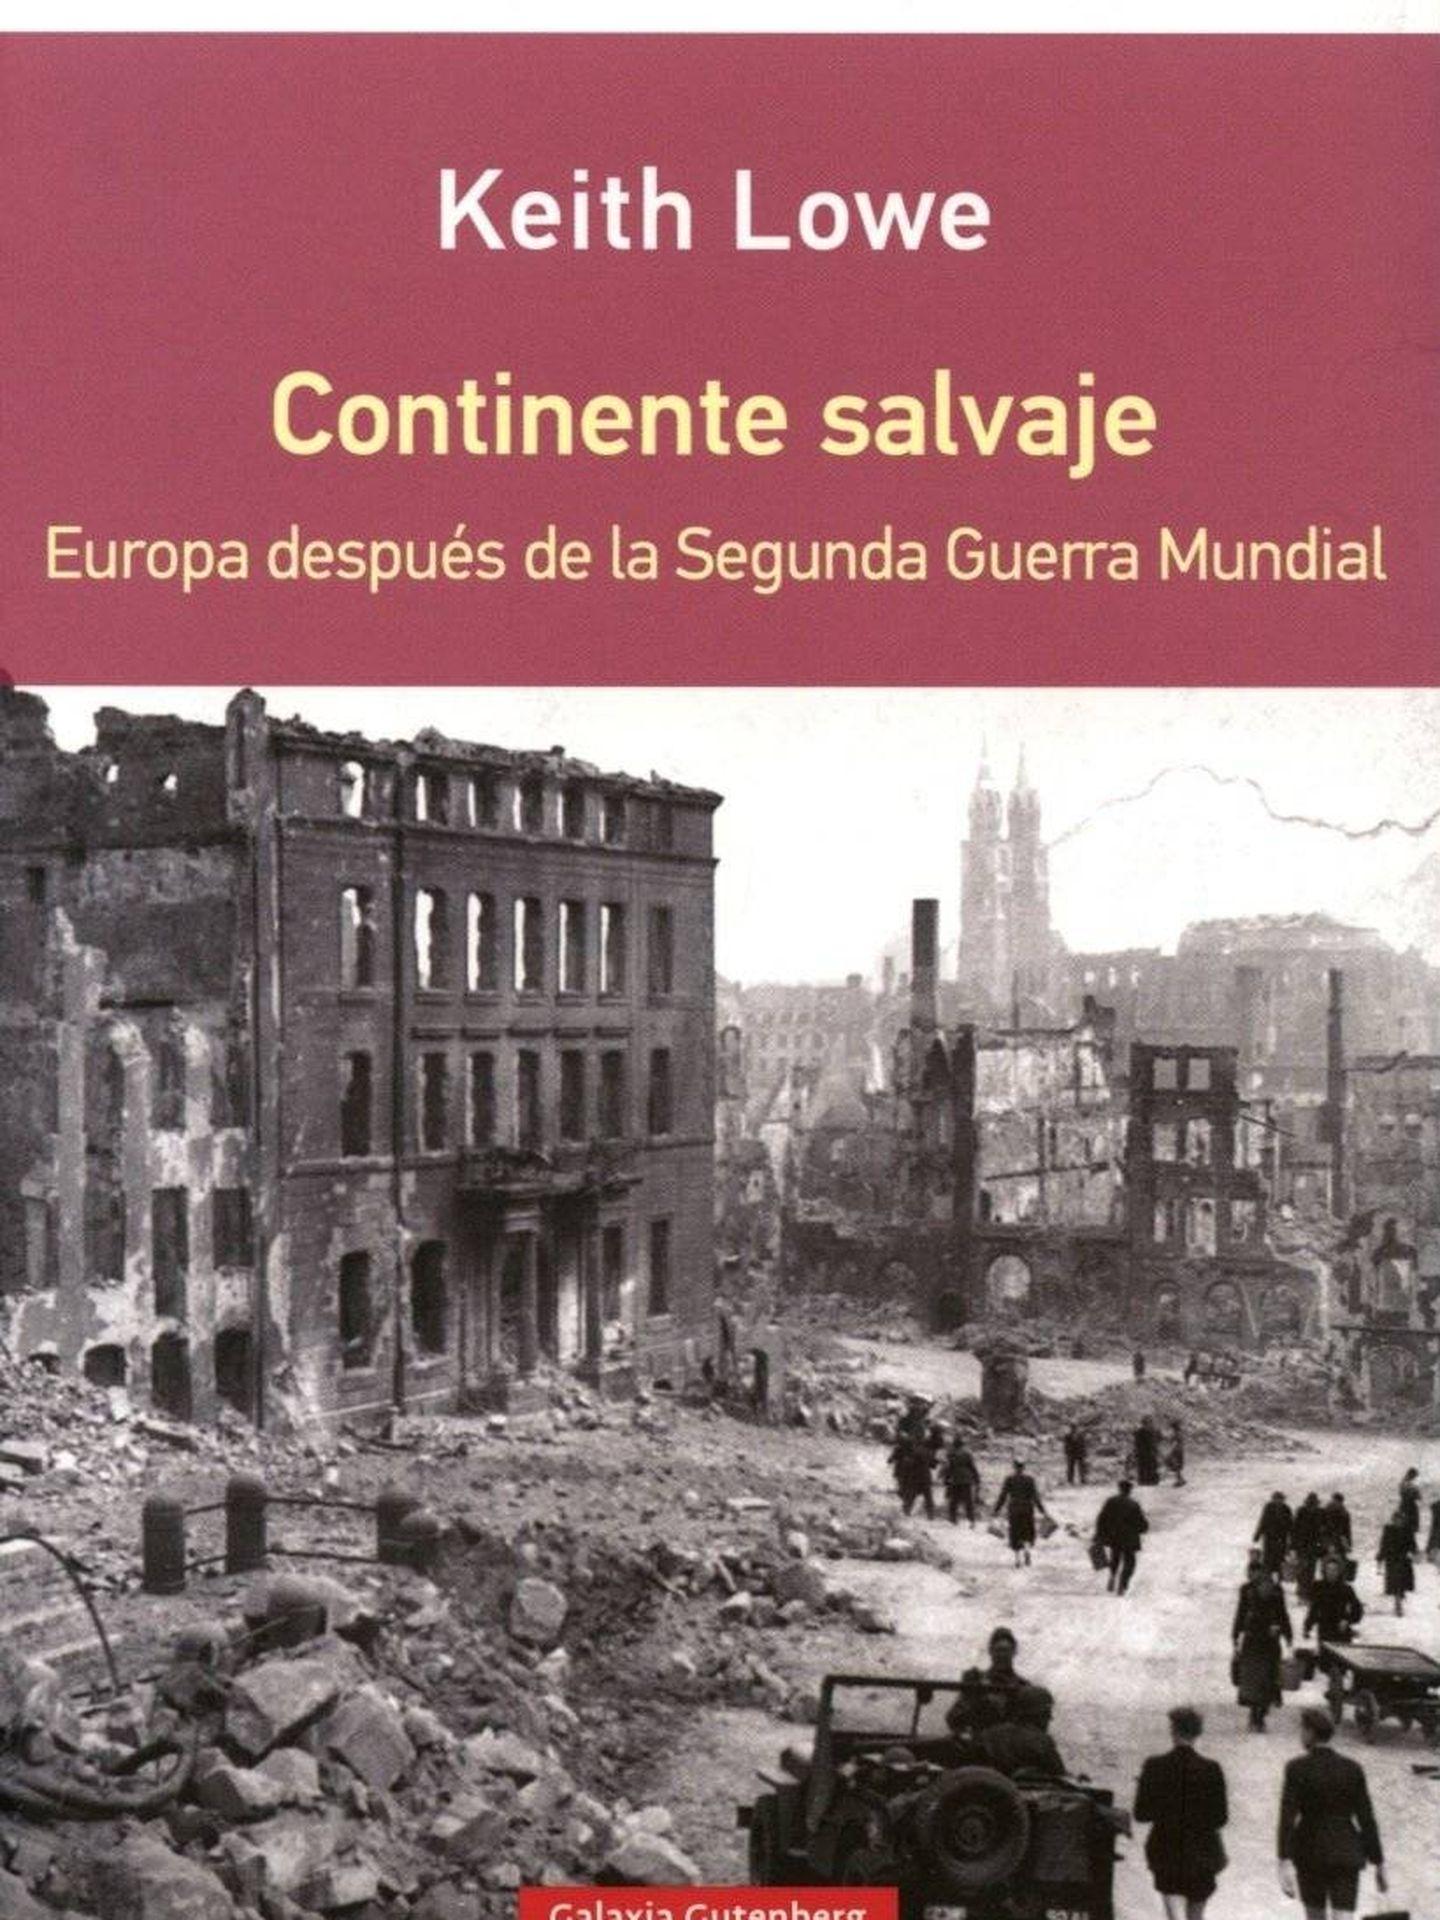 'Continente salvaje'